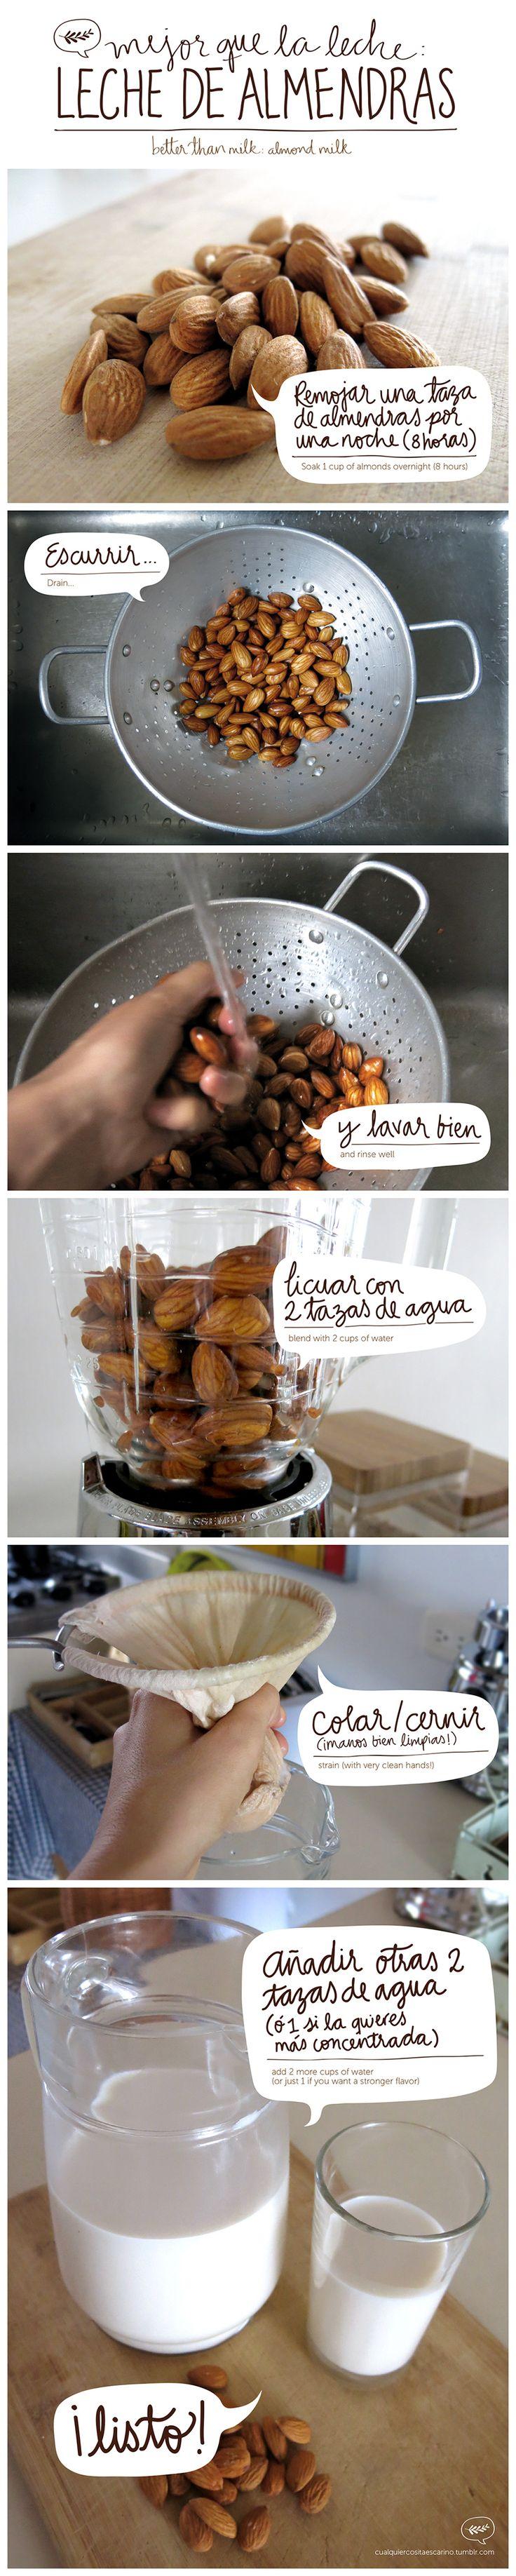 Como hacer leche de almendras #saludable #snack